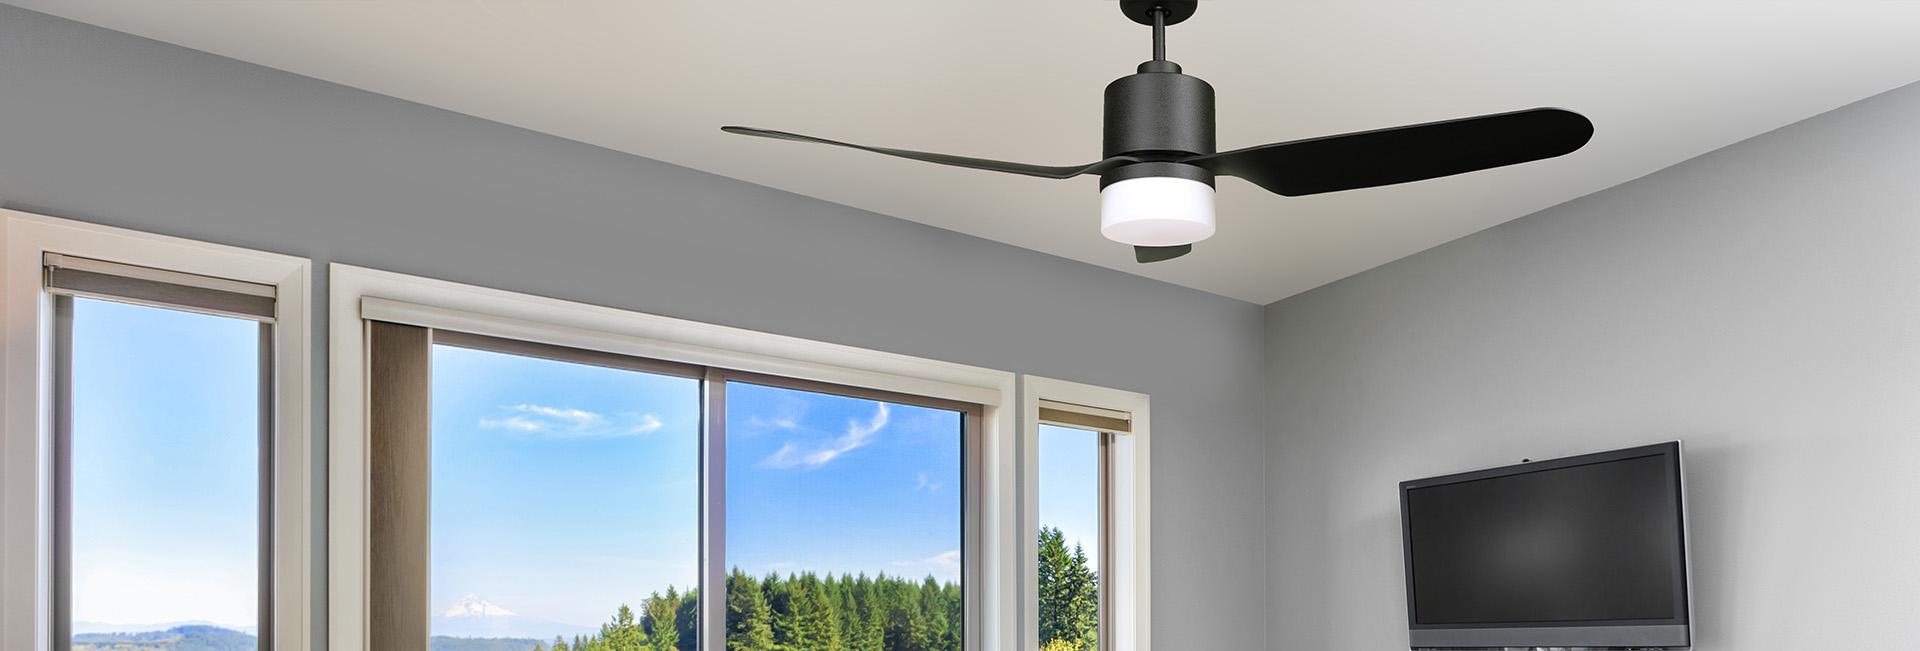 ashton-ceiling-fan-bedroom.jpg